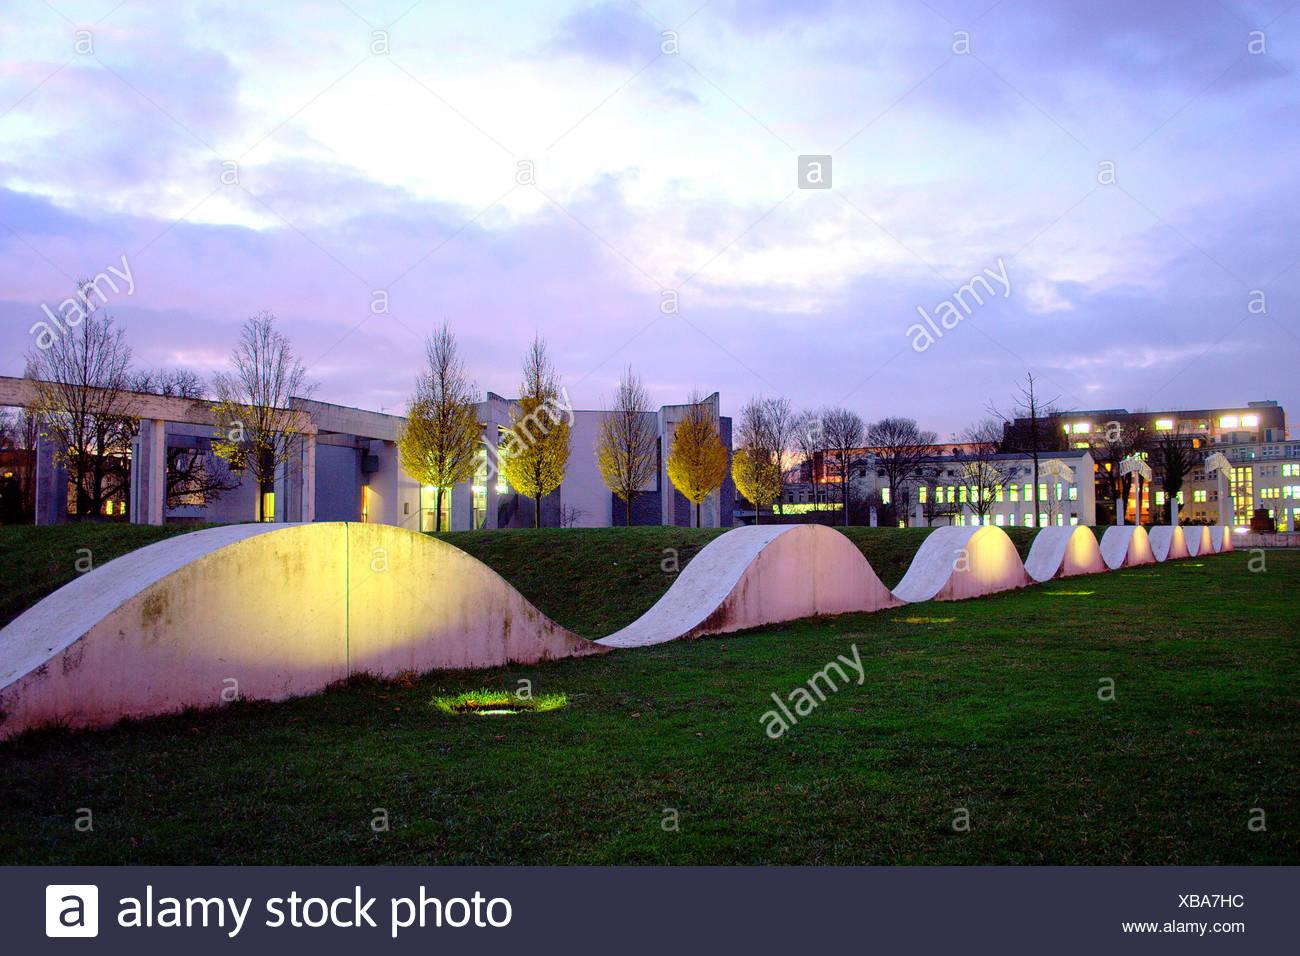 Duisburg garten der erinnerung altstadtpark - Stock Image